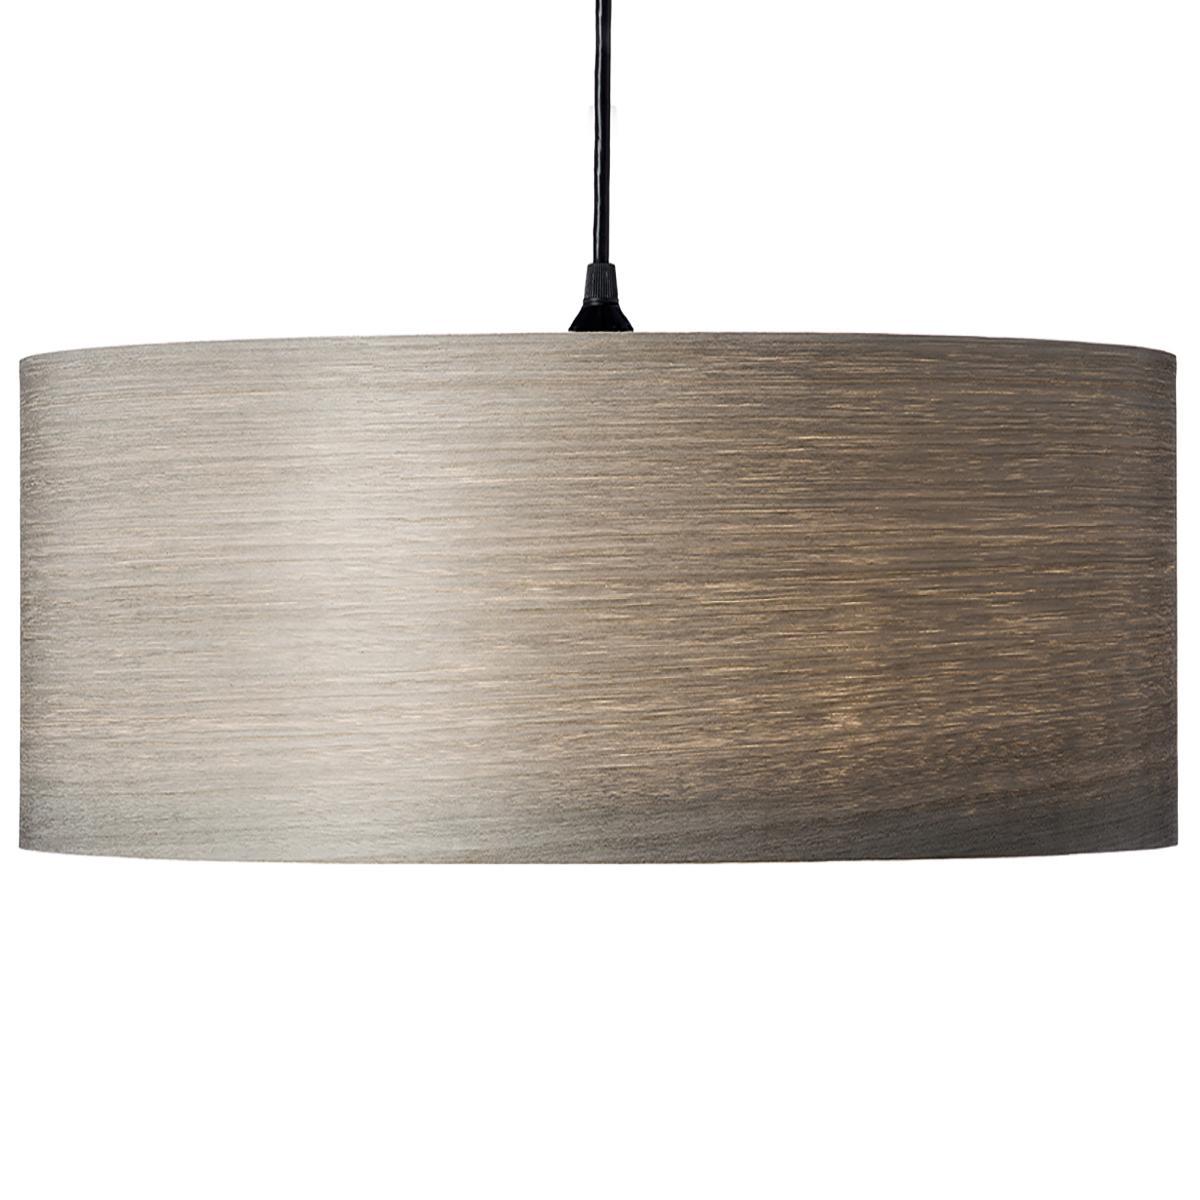 Mid-Century Modern gray wood veneer drum pendant